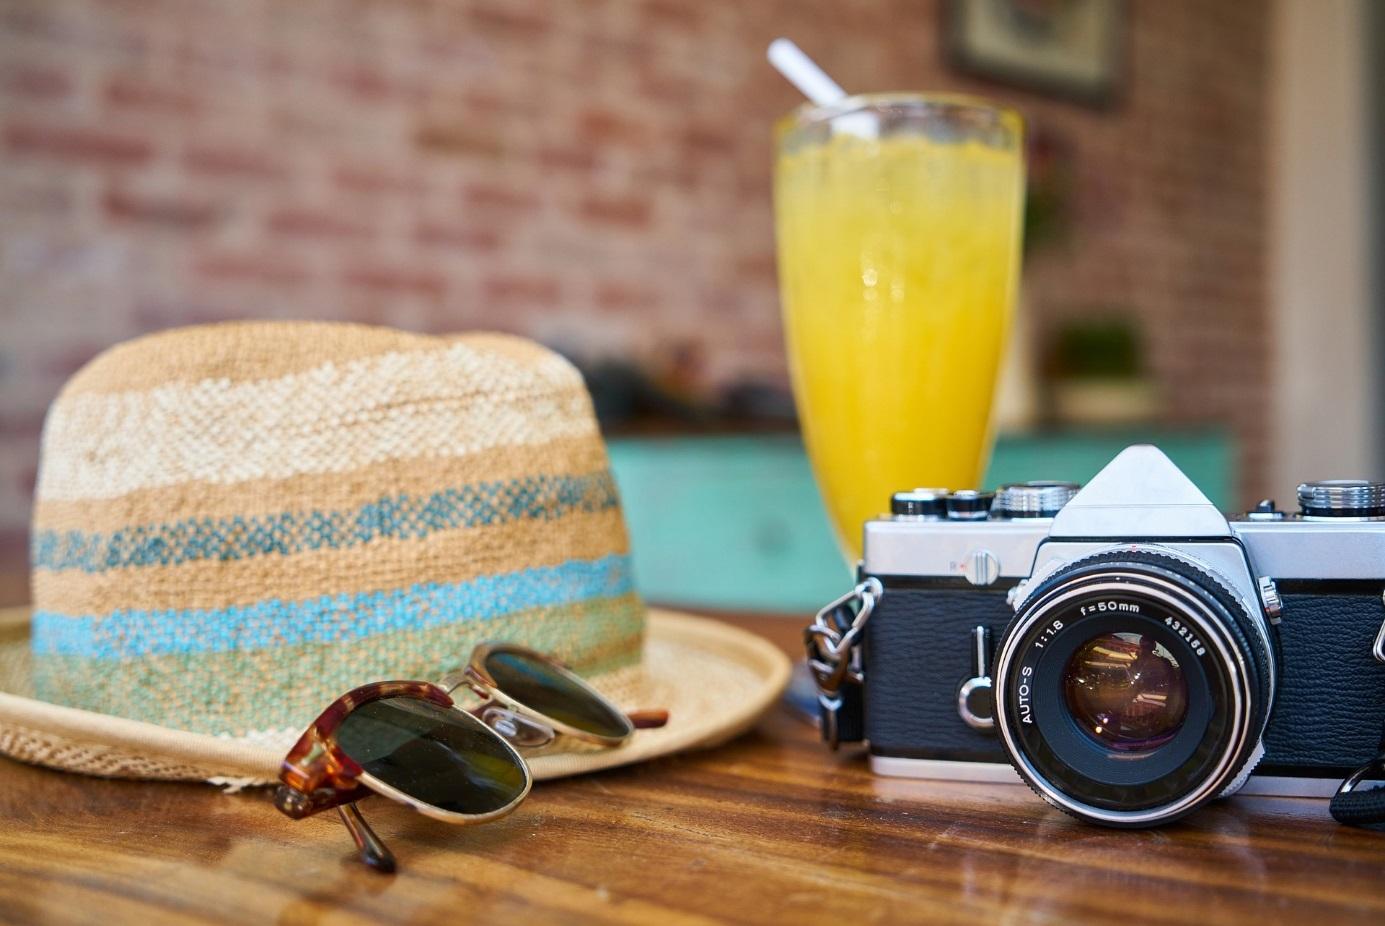 Sonnenhut, Sonnenbrille, Kamera und Drink auf einem Tisch arrangiert.